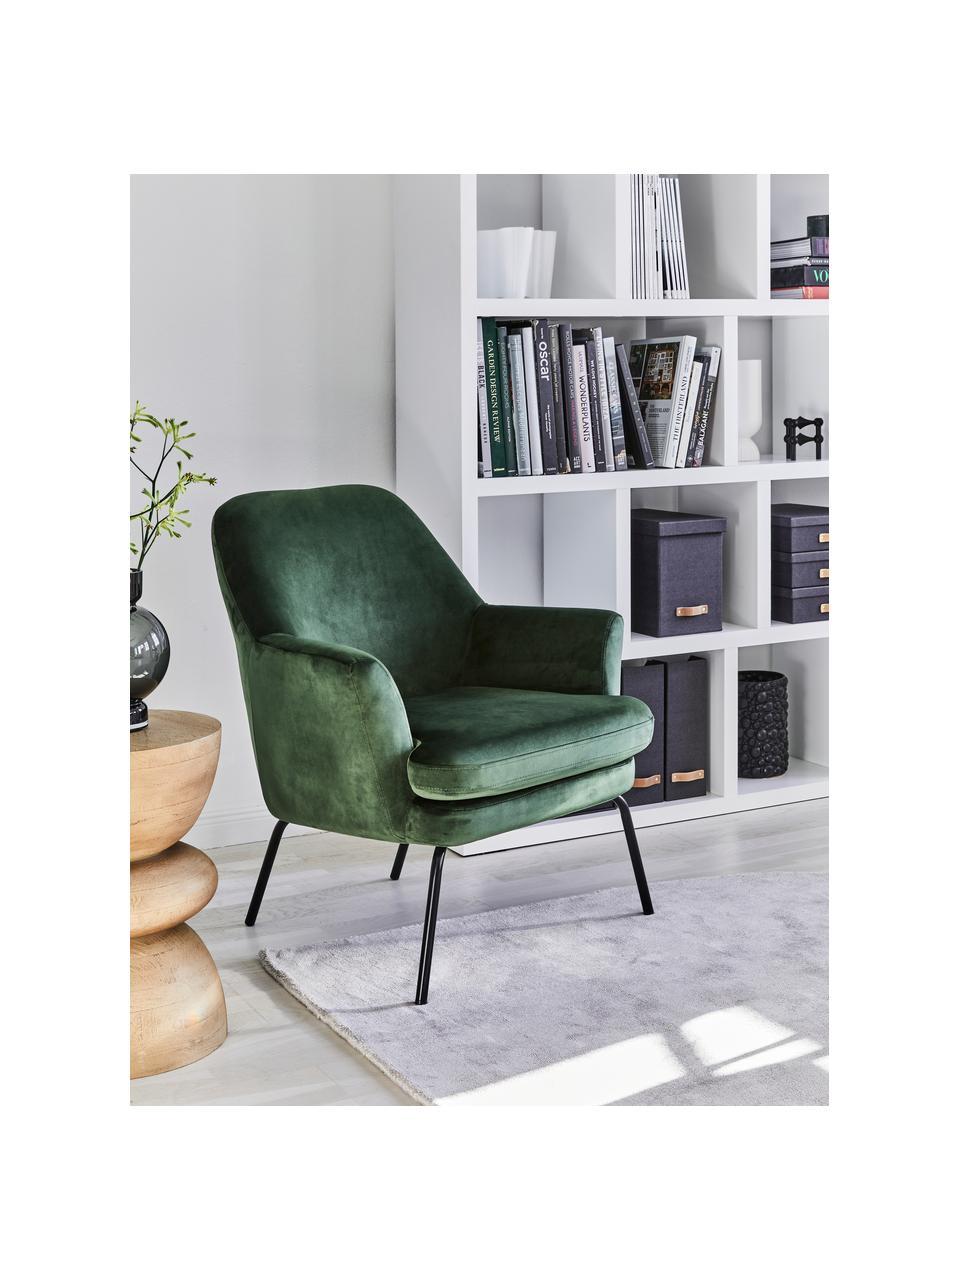 Fotel koktajlowy z aksamitu Chisa, Tapicerka: poliester (aksamit) Dzięk, Nogi: metal malowany proszkowo, Aksamitny zielony leśny, S 68 x G 73 cm